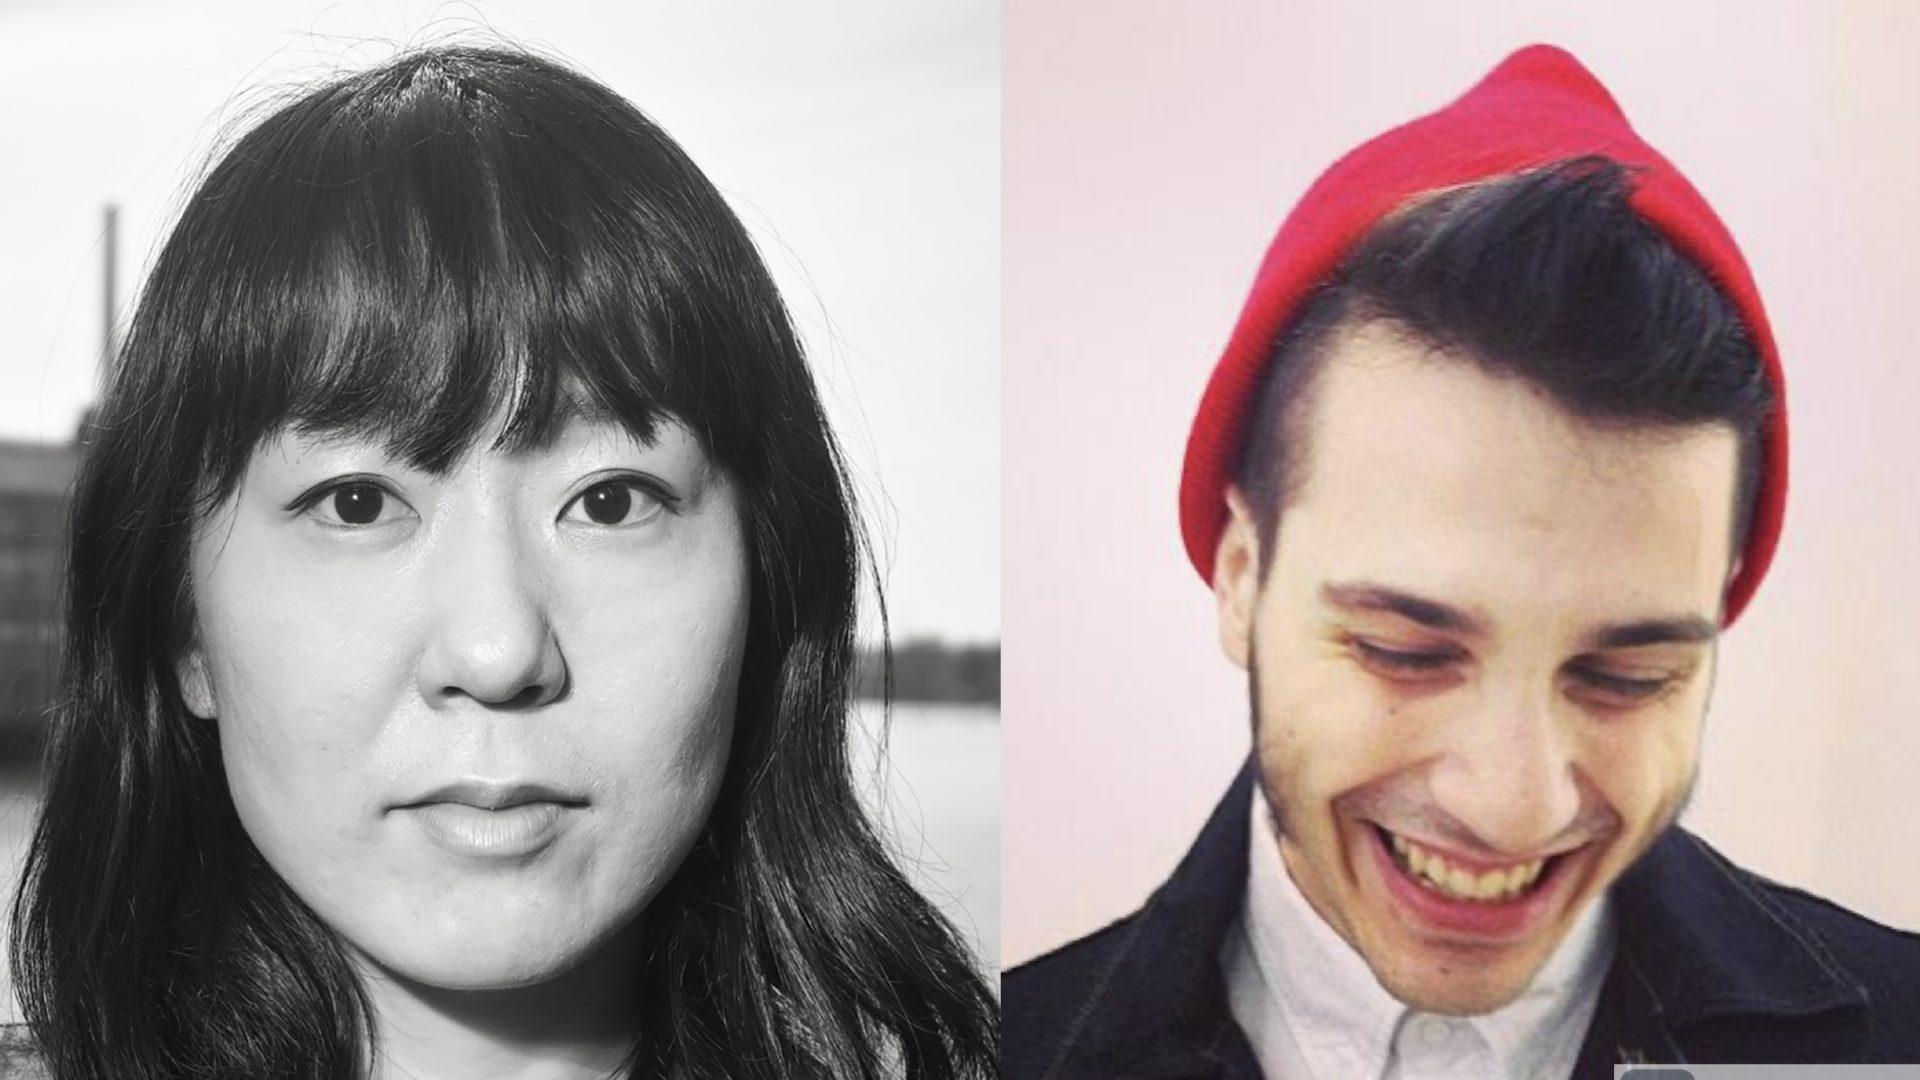 Meet the Residents: Hanae Utamura and Jacob Nelsen-Epstein